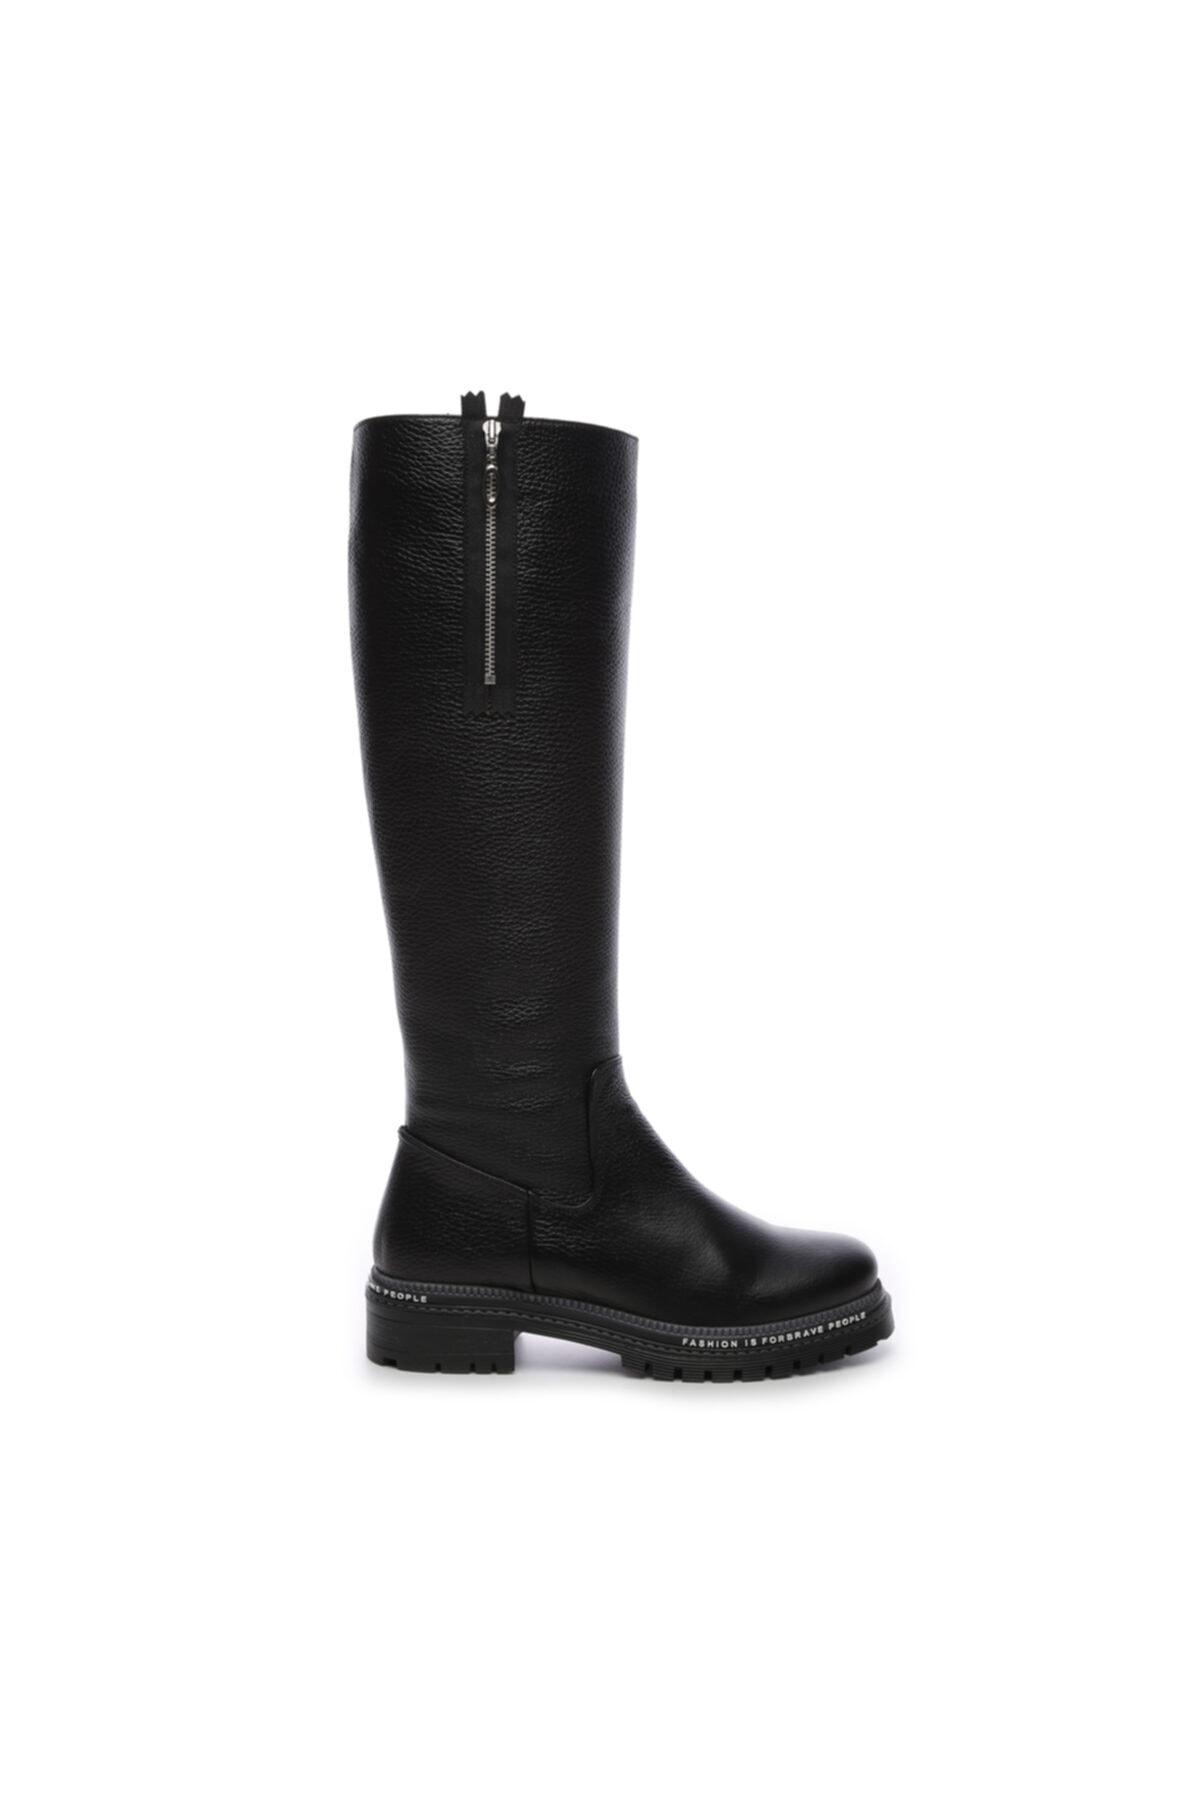 KEMAL TANCA Hakiki Deri Siyah Kadın Çizme Çizme 744 20652 C BN AYK SK19-20 1